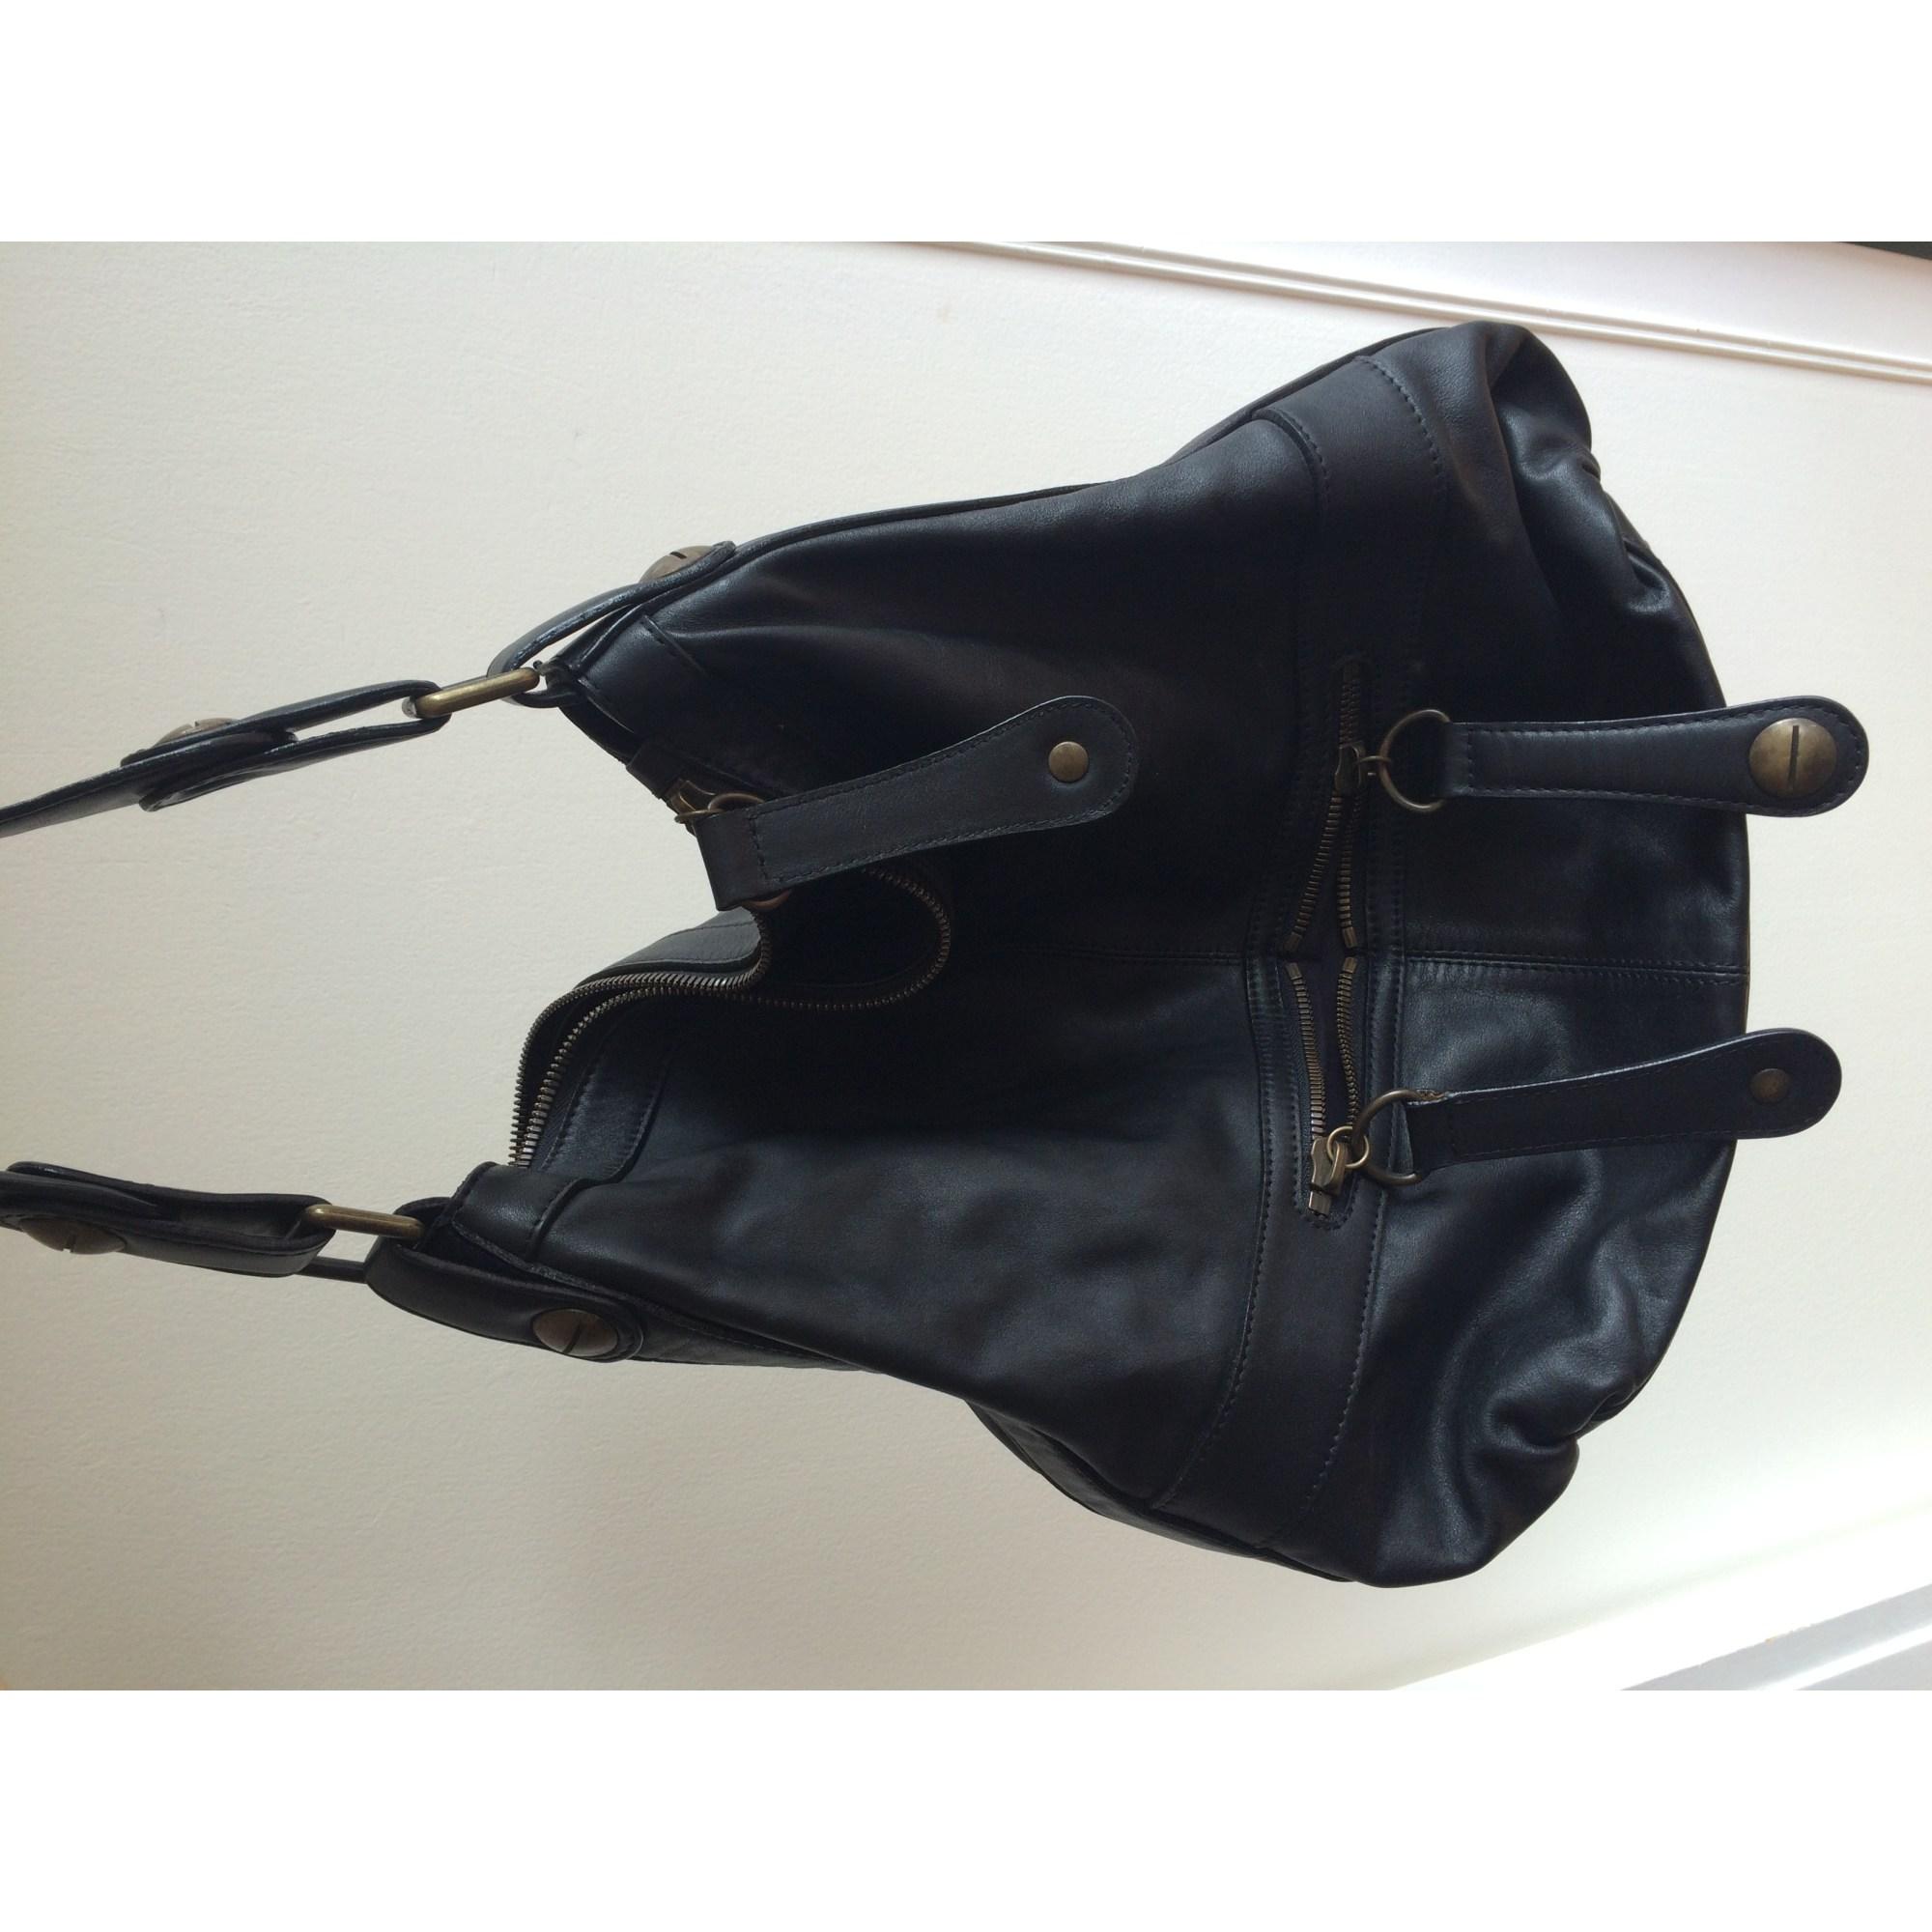 Sac à main en cuir GERARD DAREL noir vendu par Odette ginette - 3913430 e883f32d9685